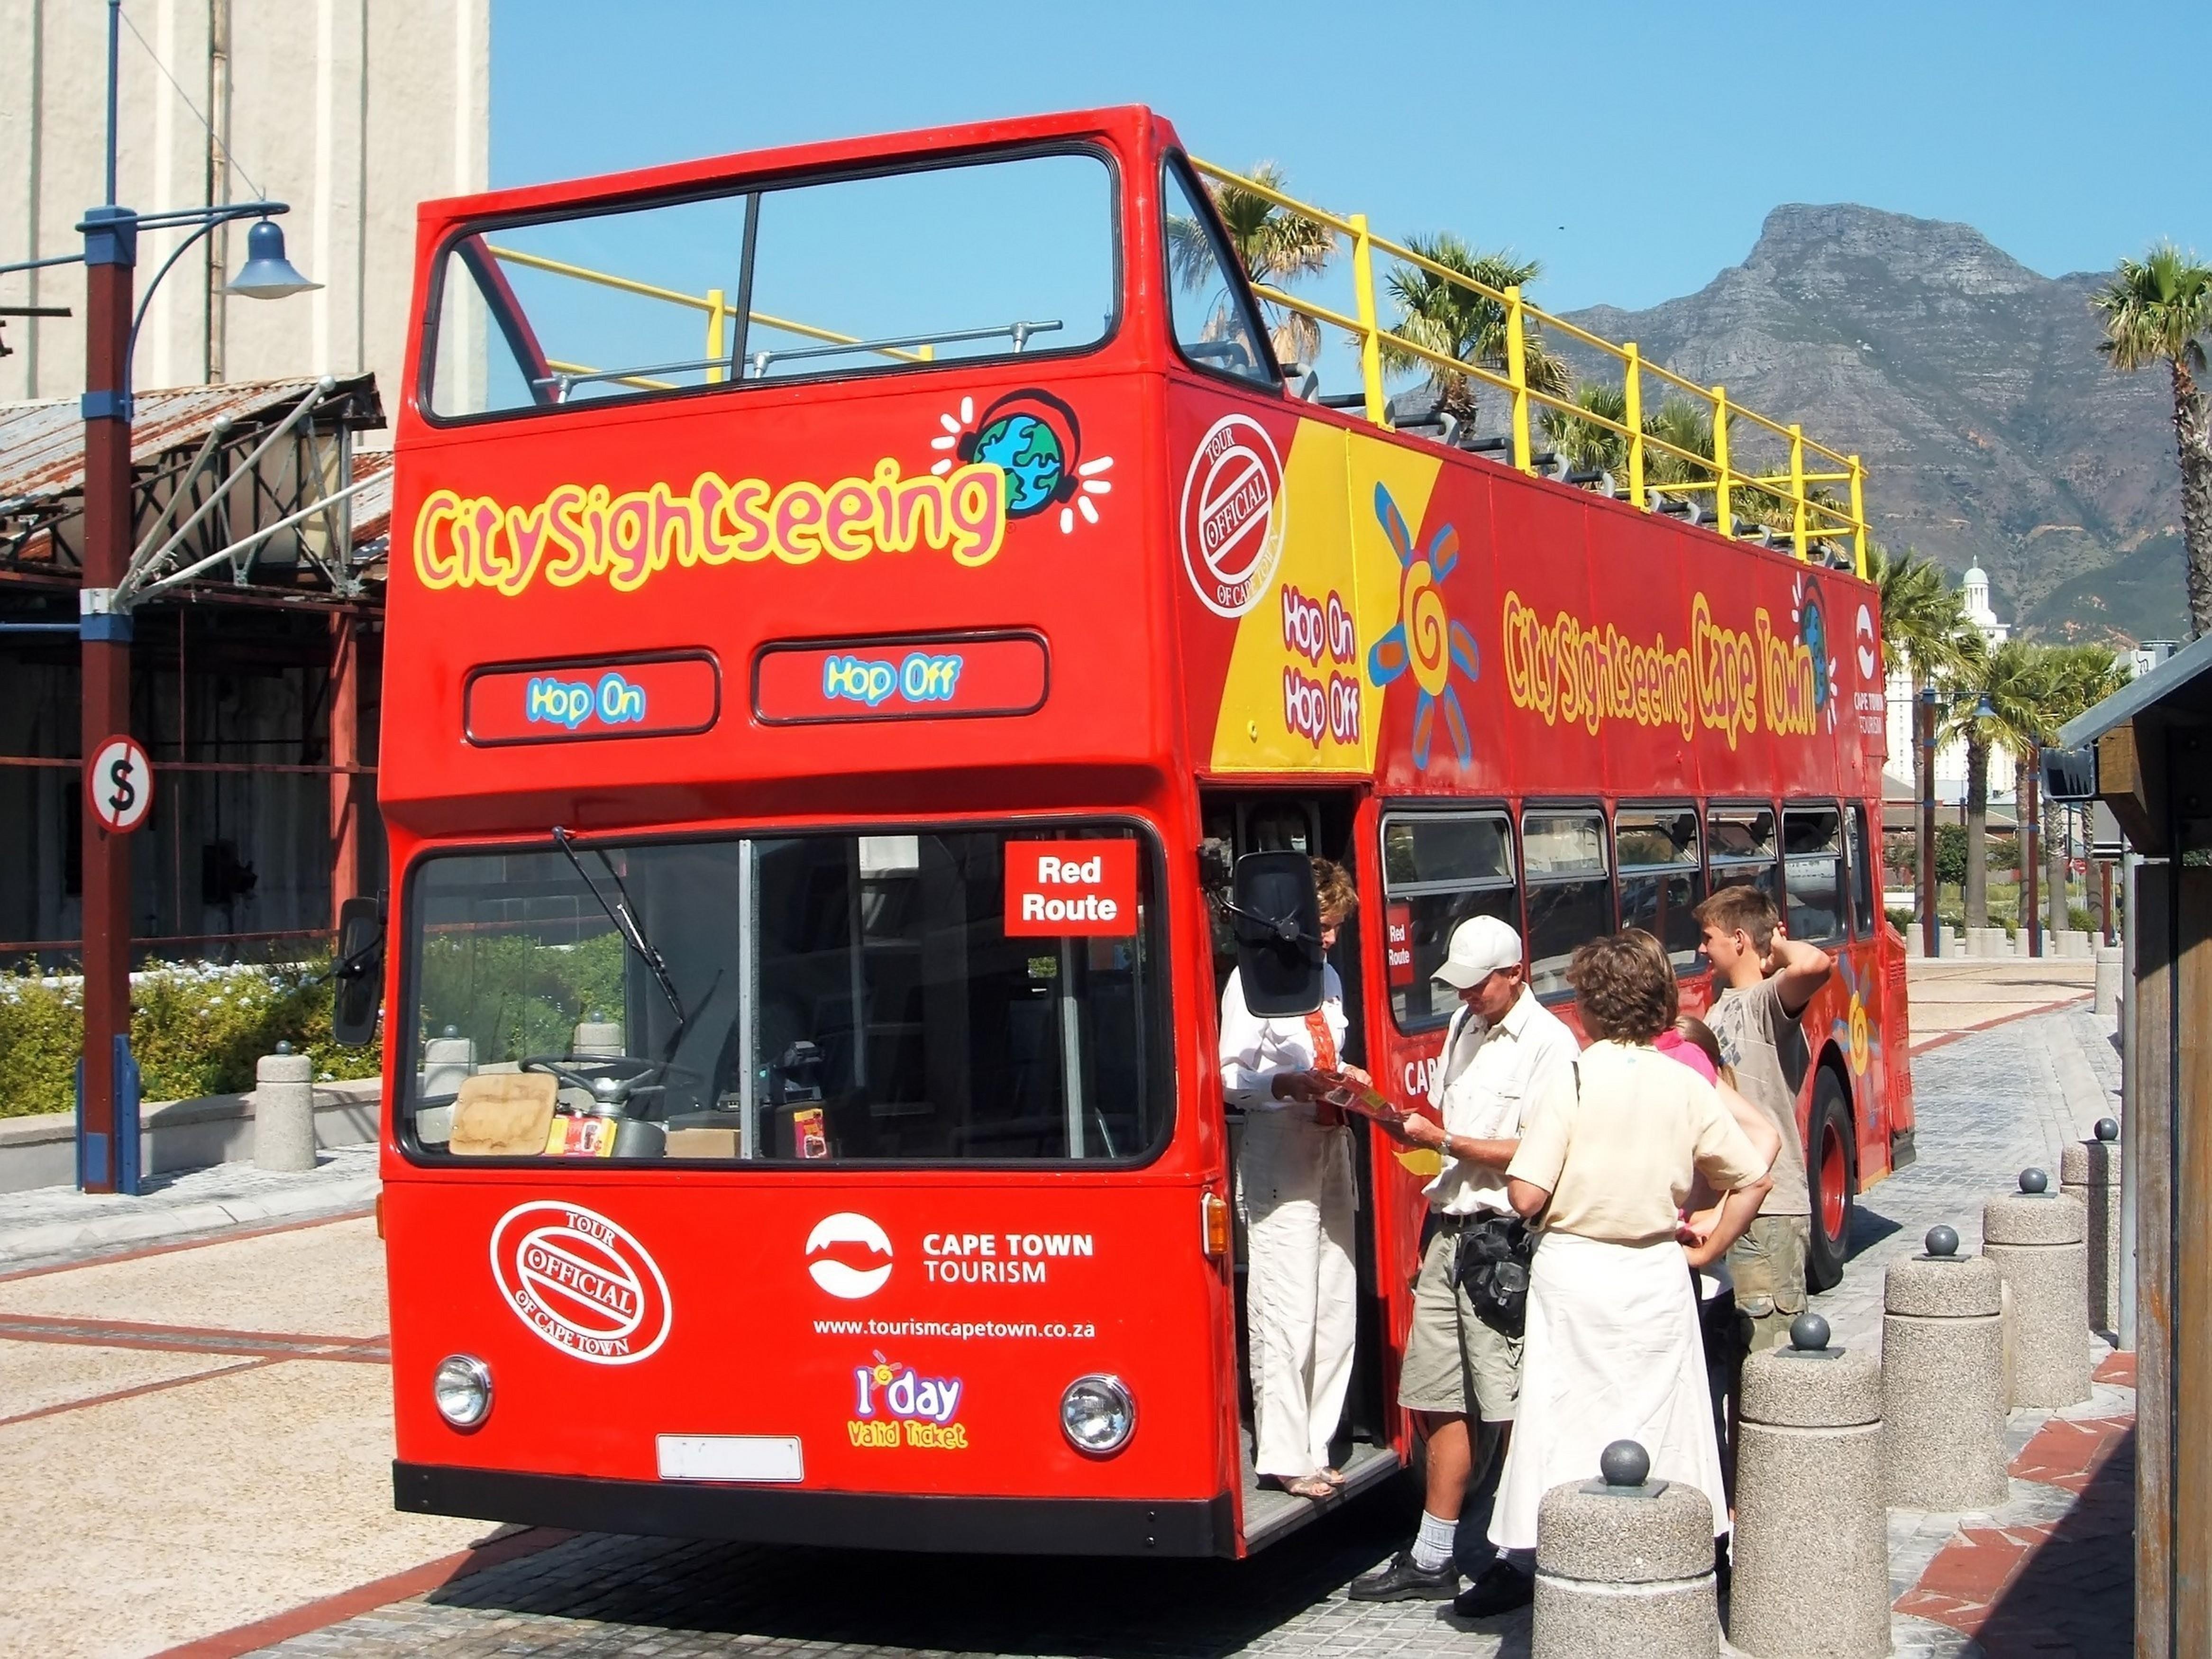 détails pour sélectionner pour officiel usine authentique 14 Reasons Why Cape Town is the World's Favourite City ...